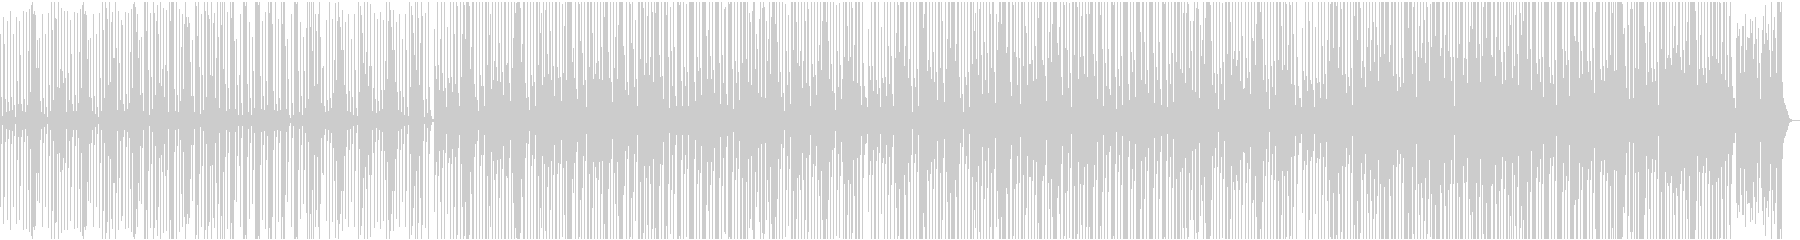 バラフォンのポップなラグタイム アフリカの未再生の波形